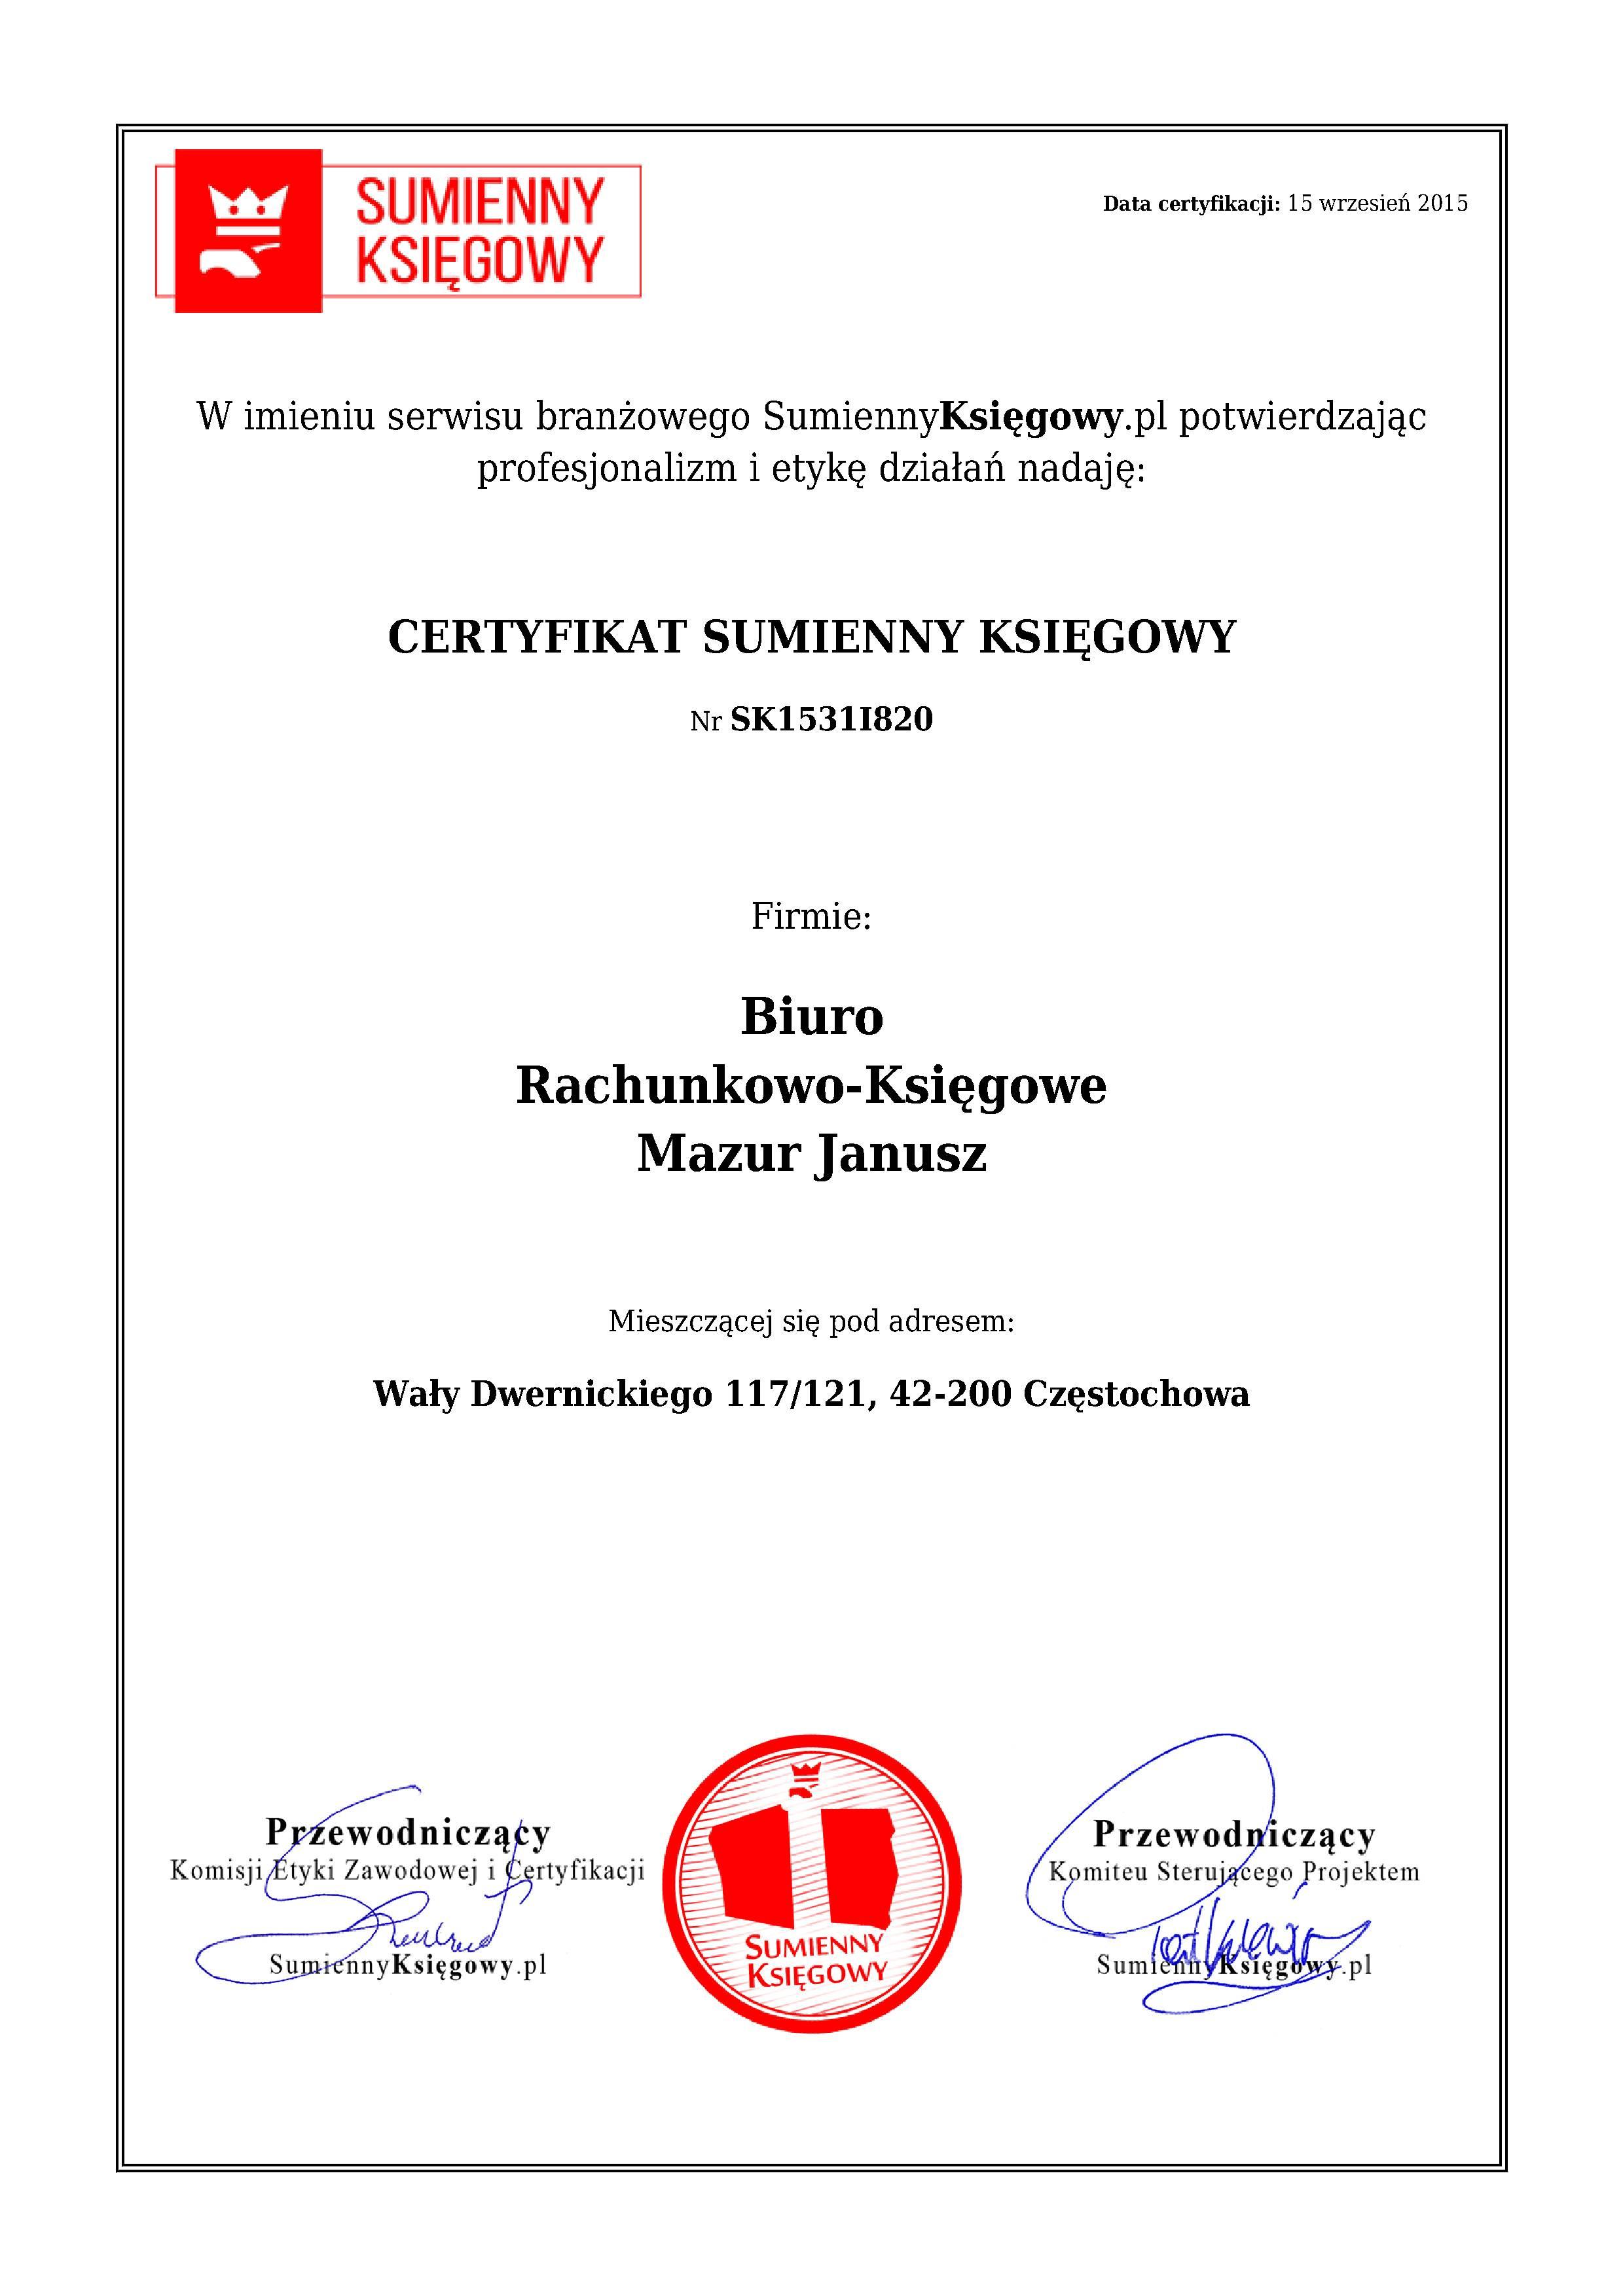 Certyfikat Biuro Rachunkowo-KsięgoweMazur Janusz